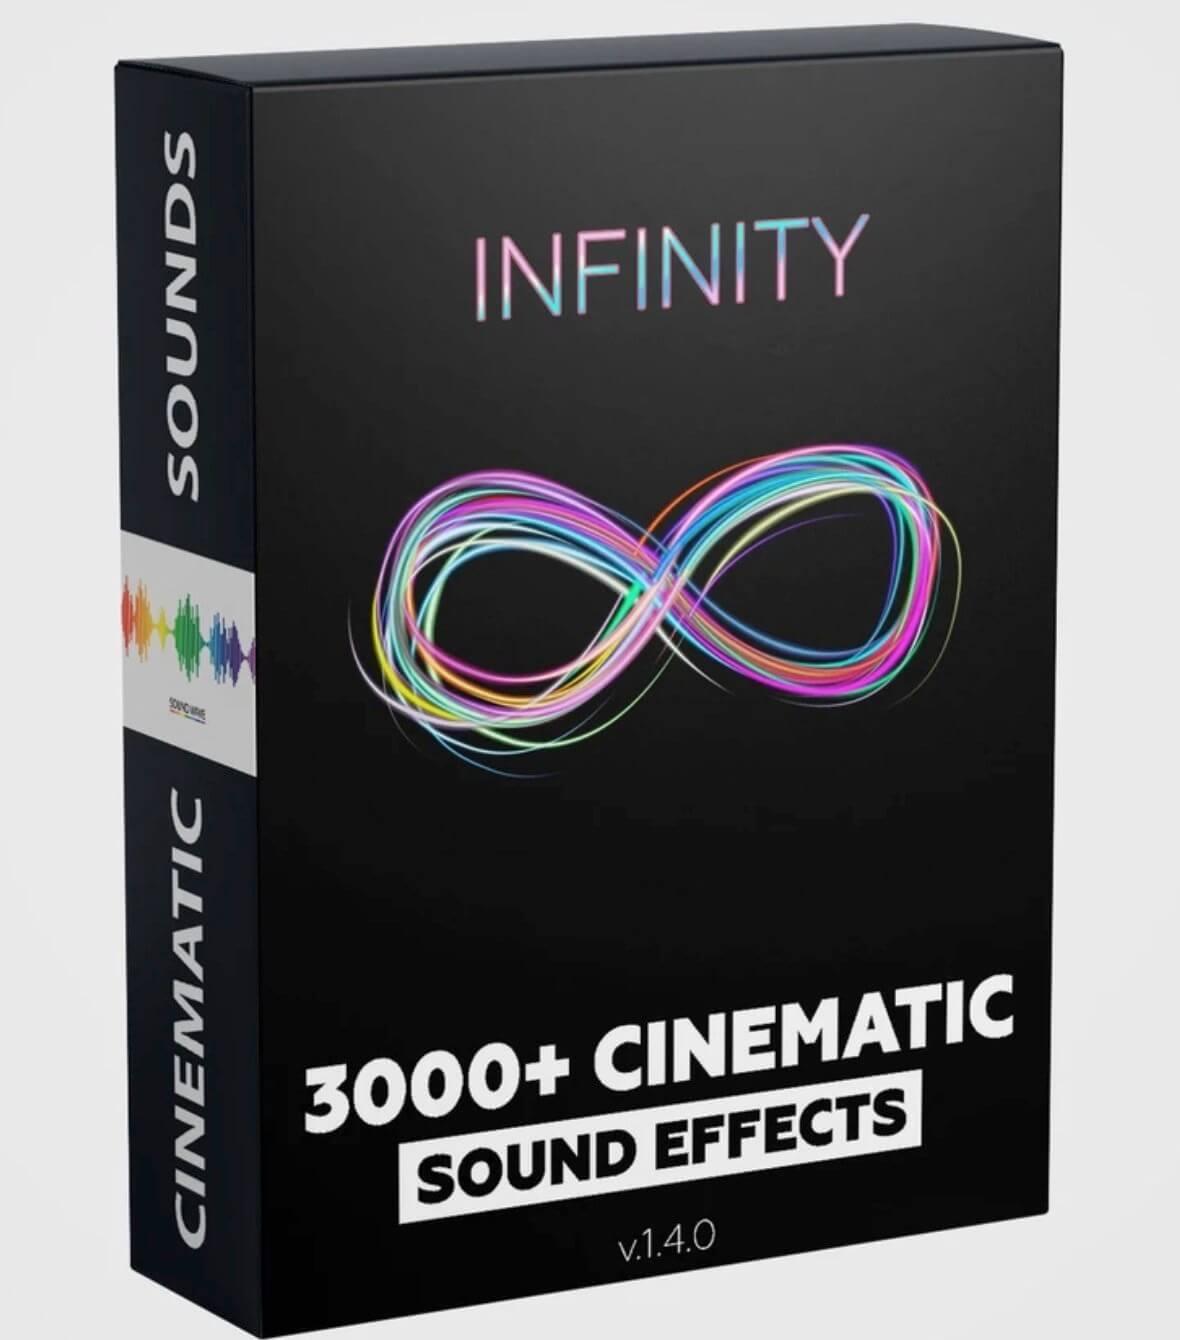 音效素材 3000+震撼大气深沉低音鼓声转场等电影预告片音效 INFINITY